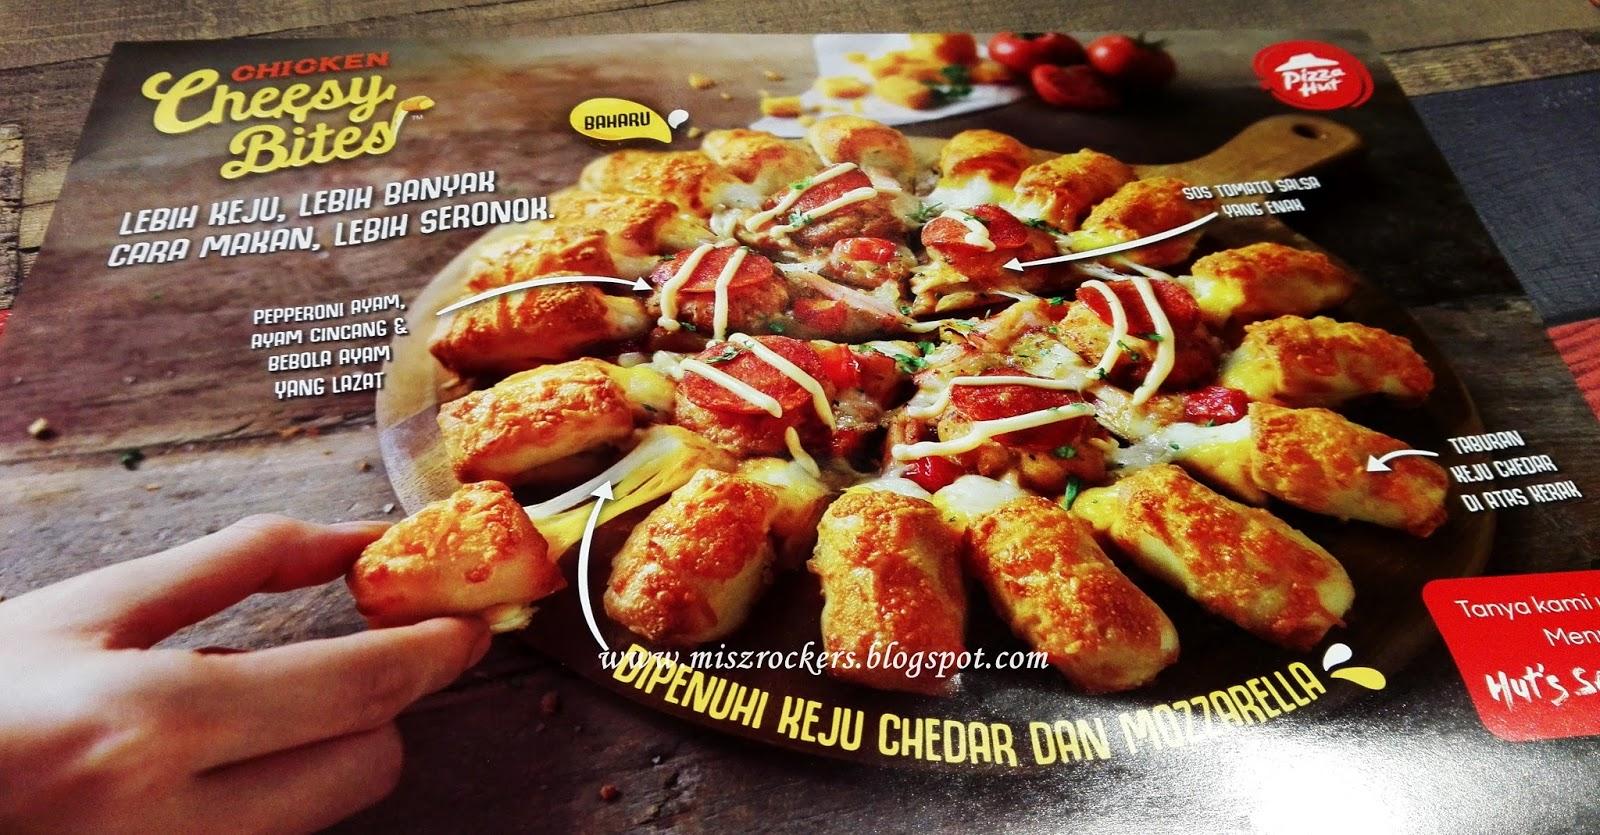 CHICKEN CHEESY BITES PIZZA HUT